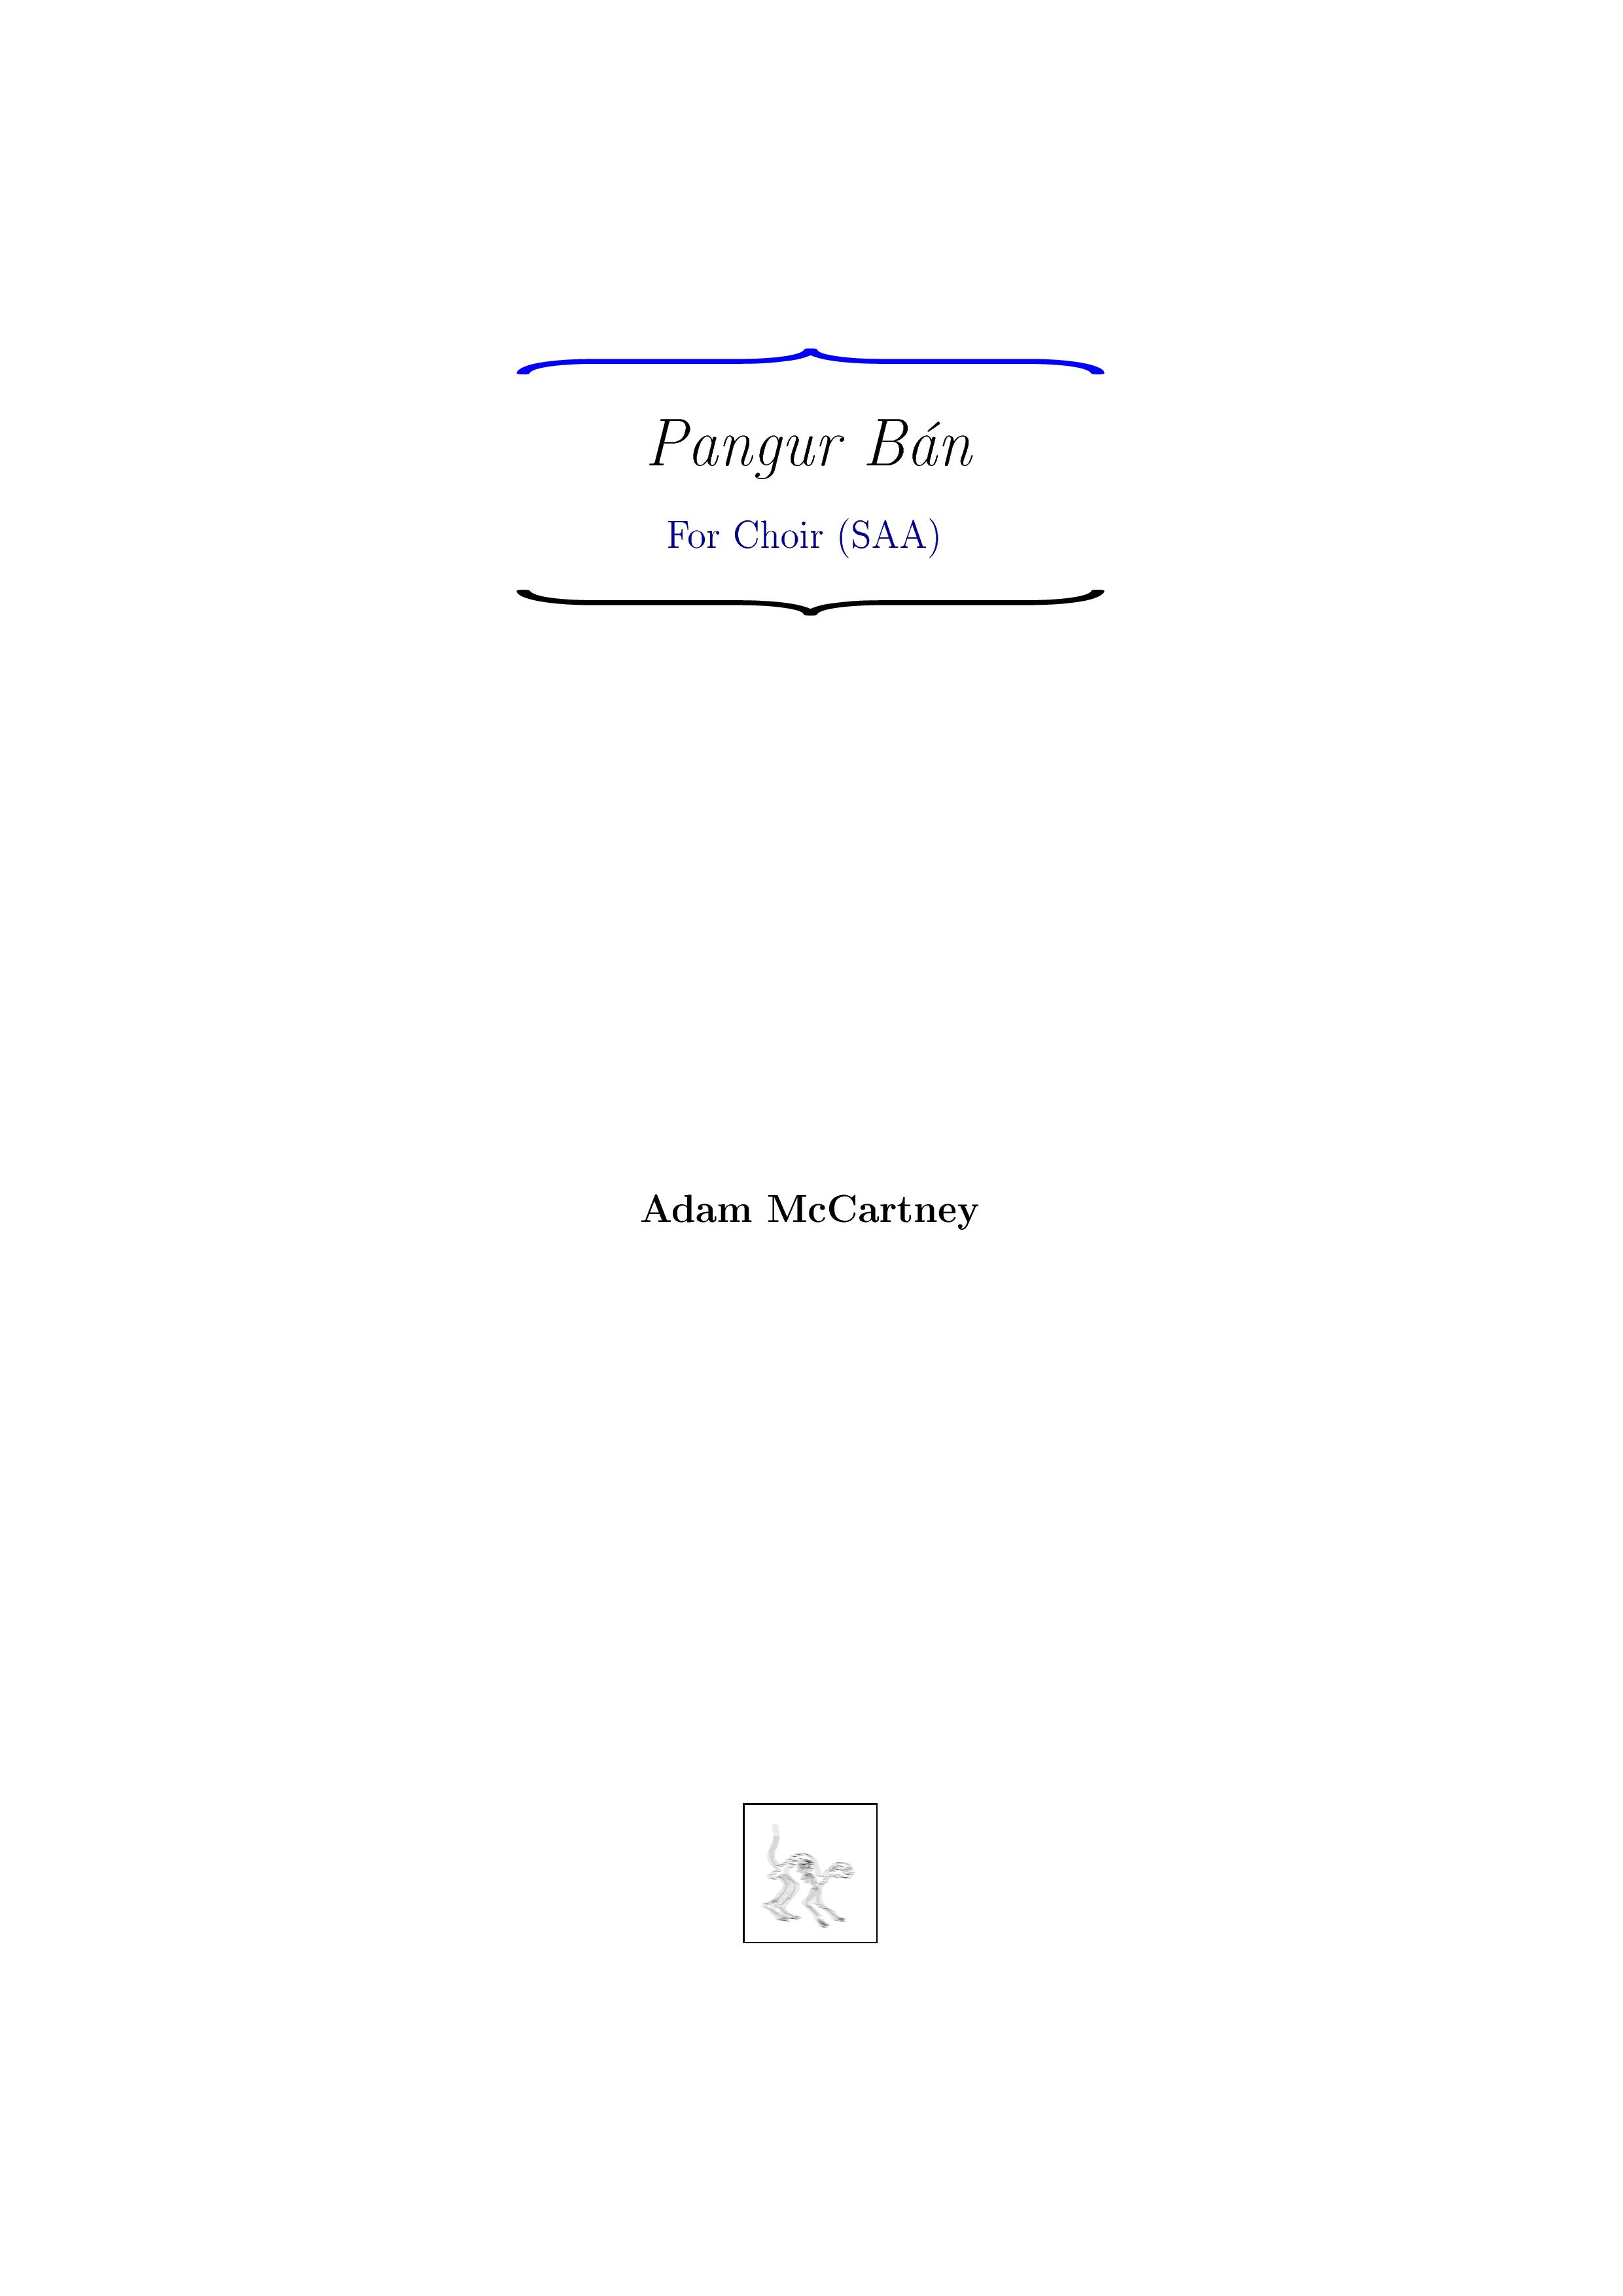 Pangur ban 188 page 001